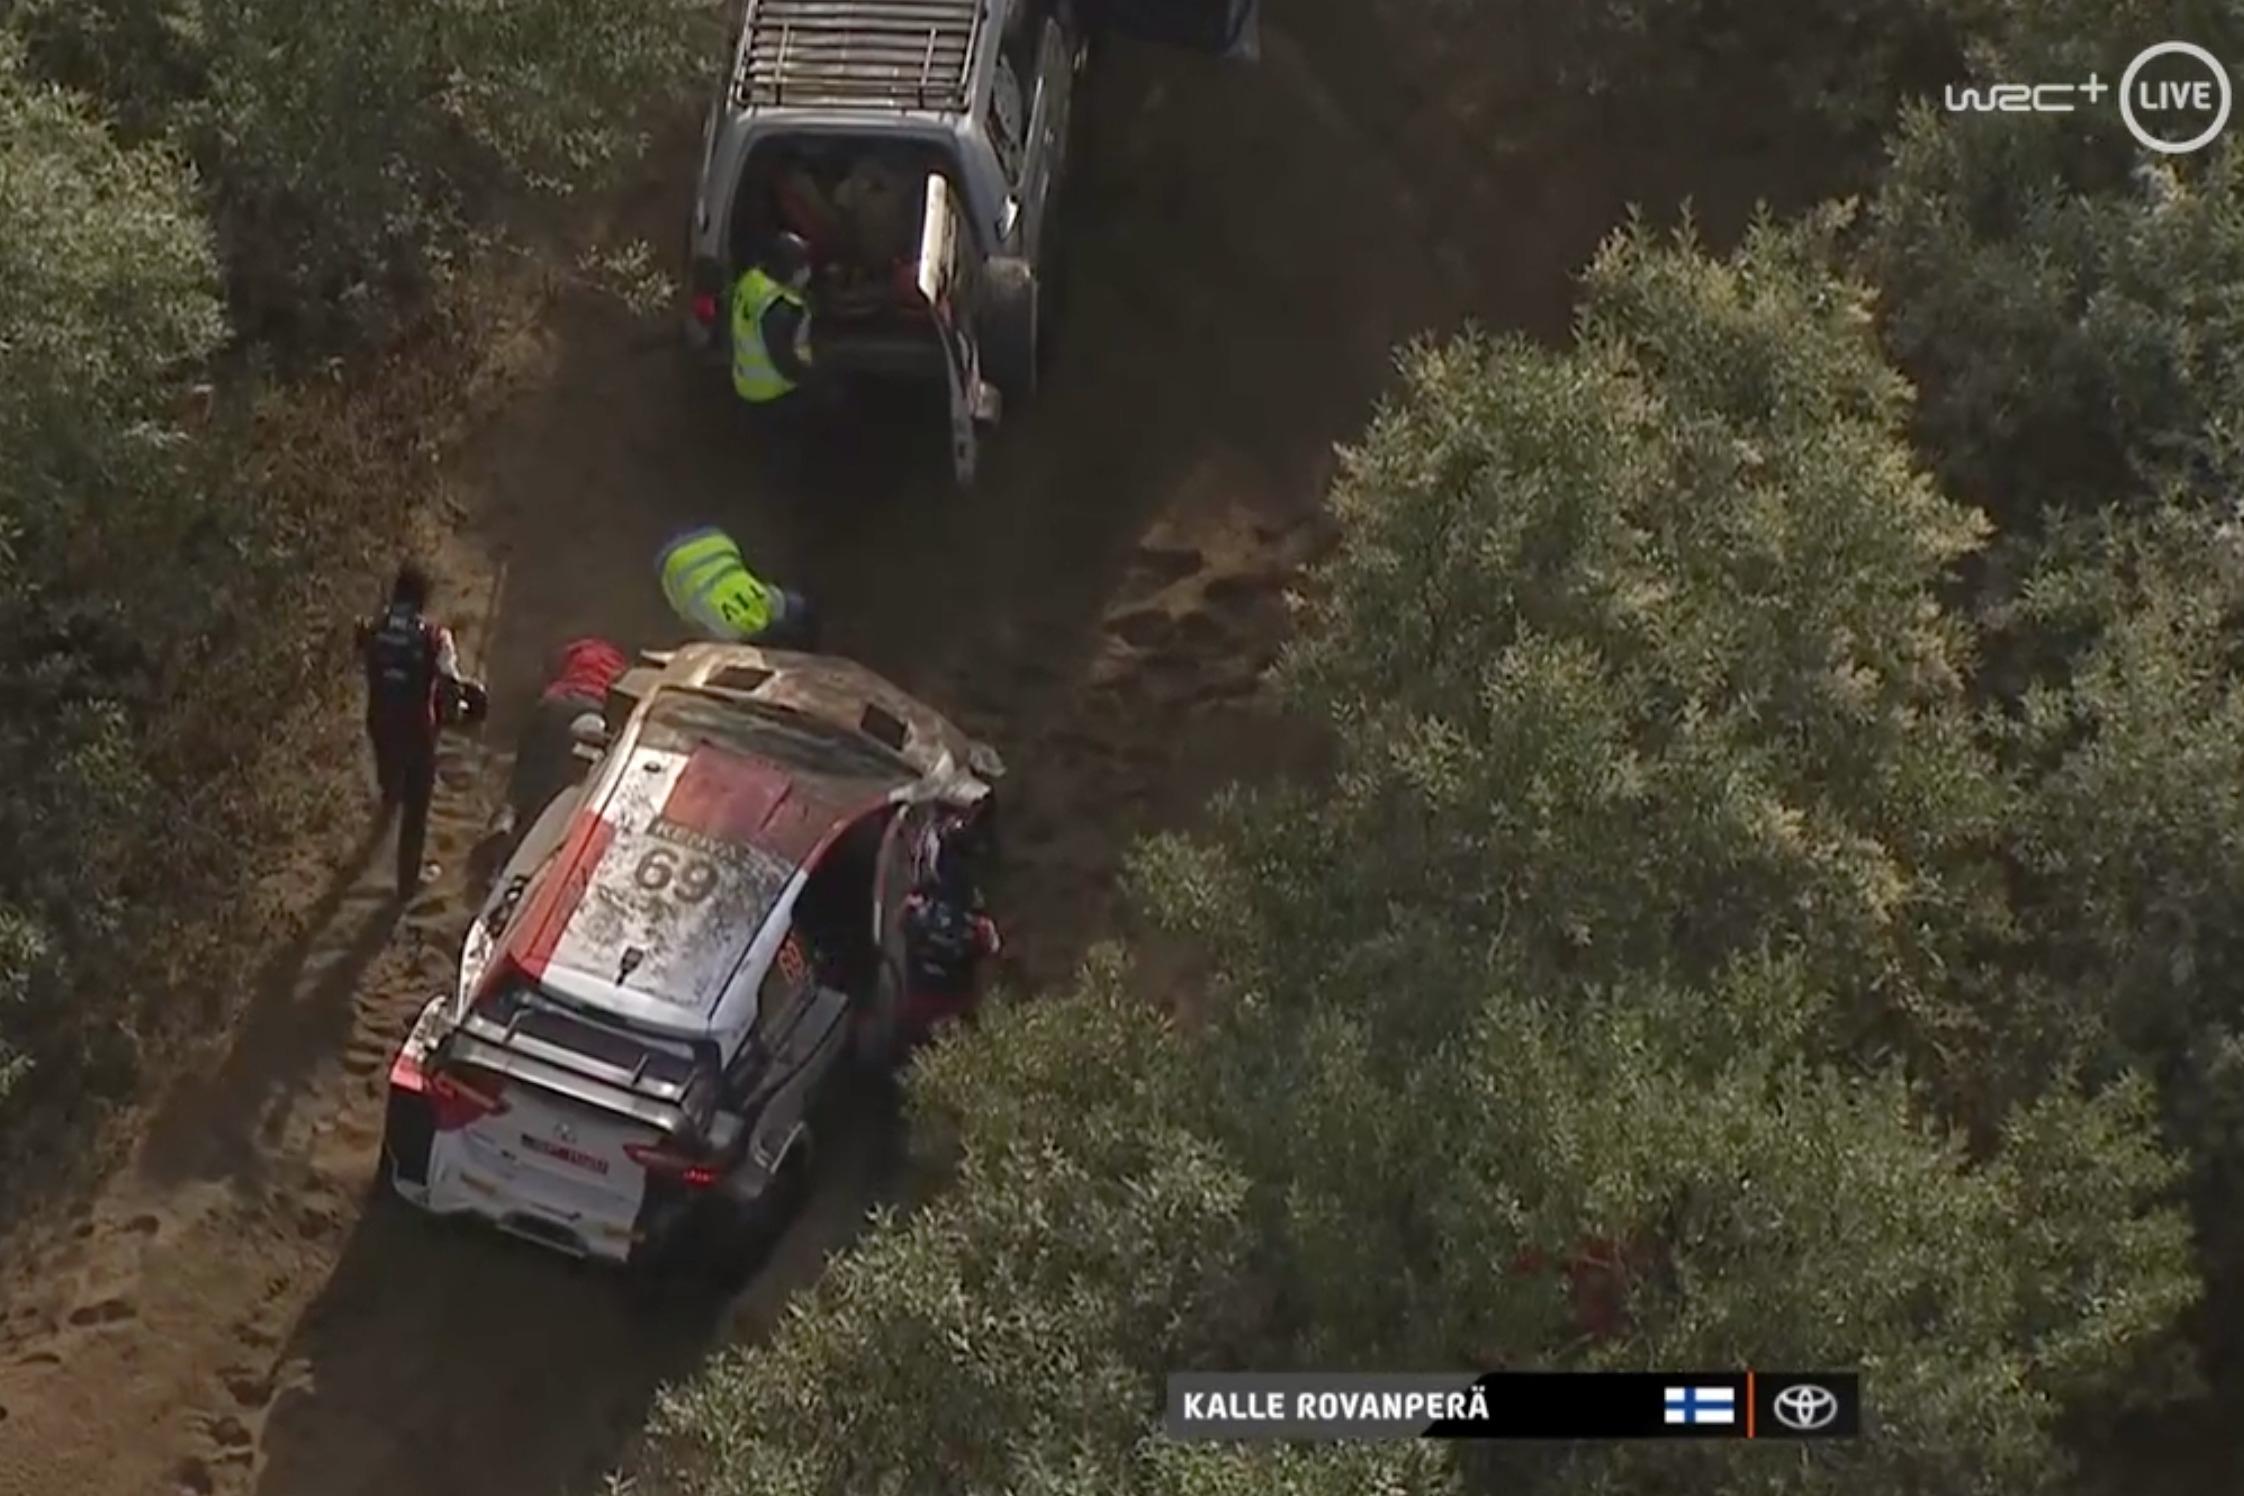 Toyota's Kalle Rovanpera stuck in a rut